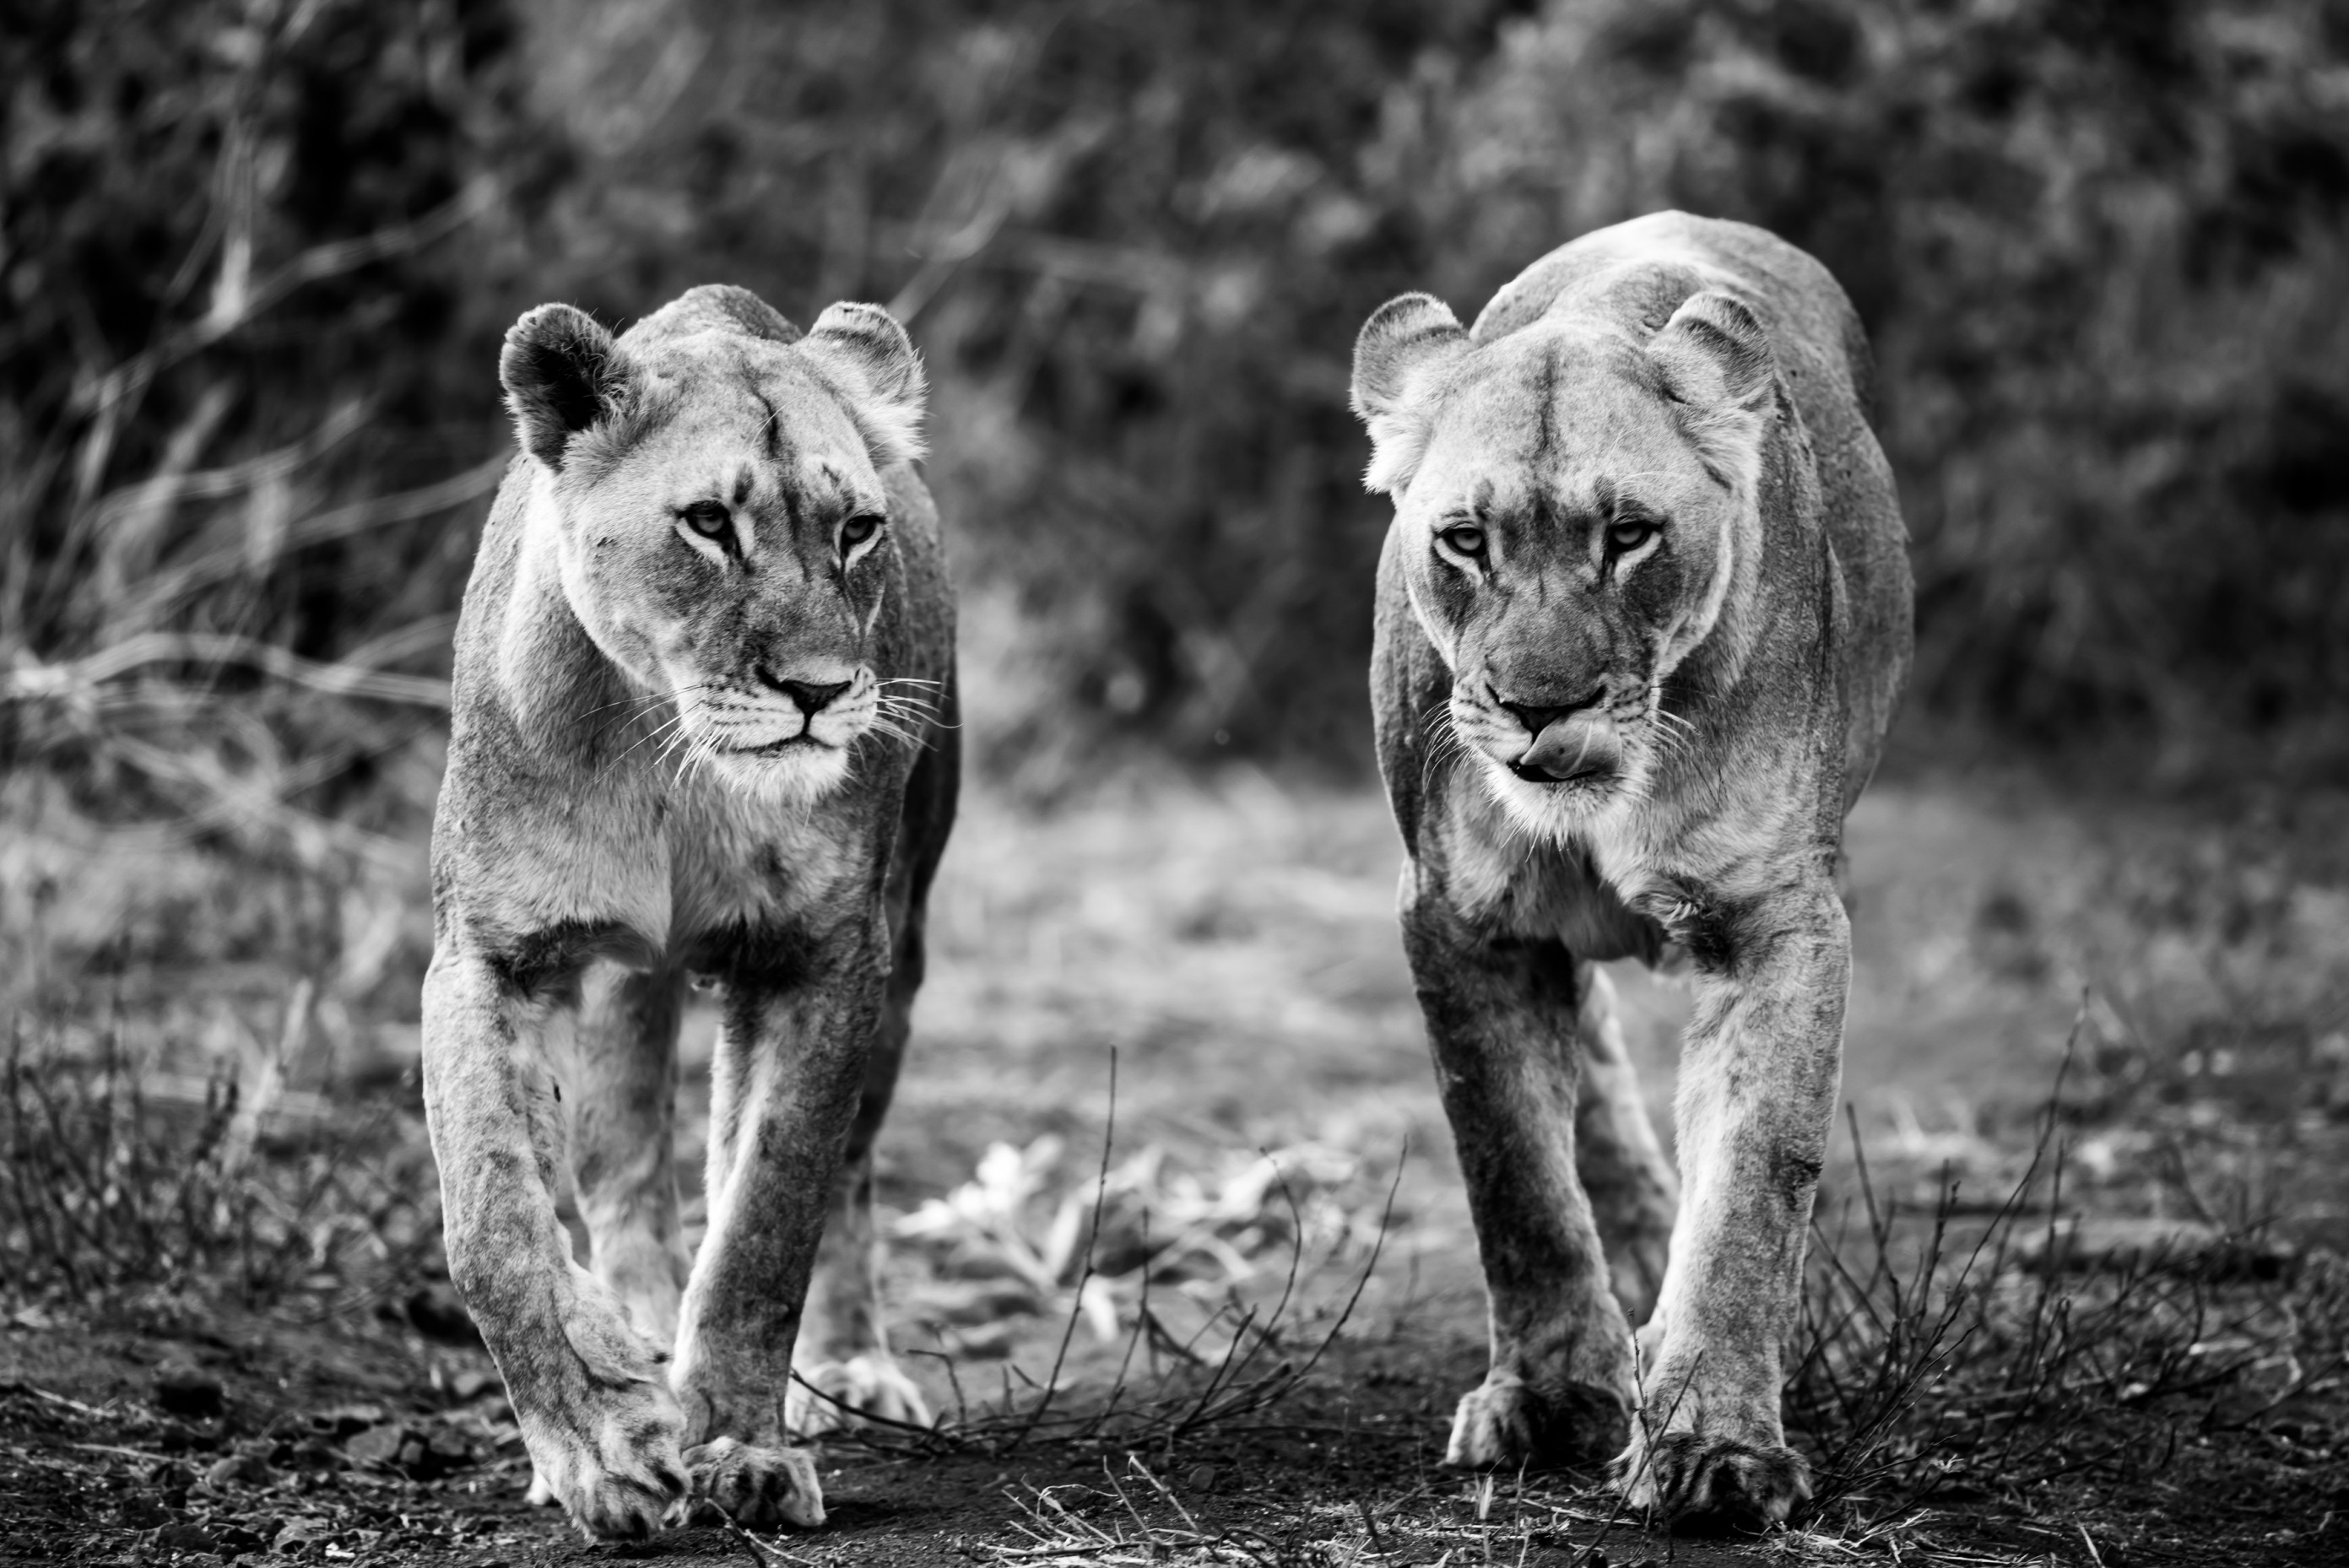 wildlife zimanga 5136